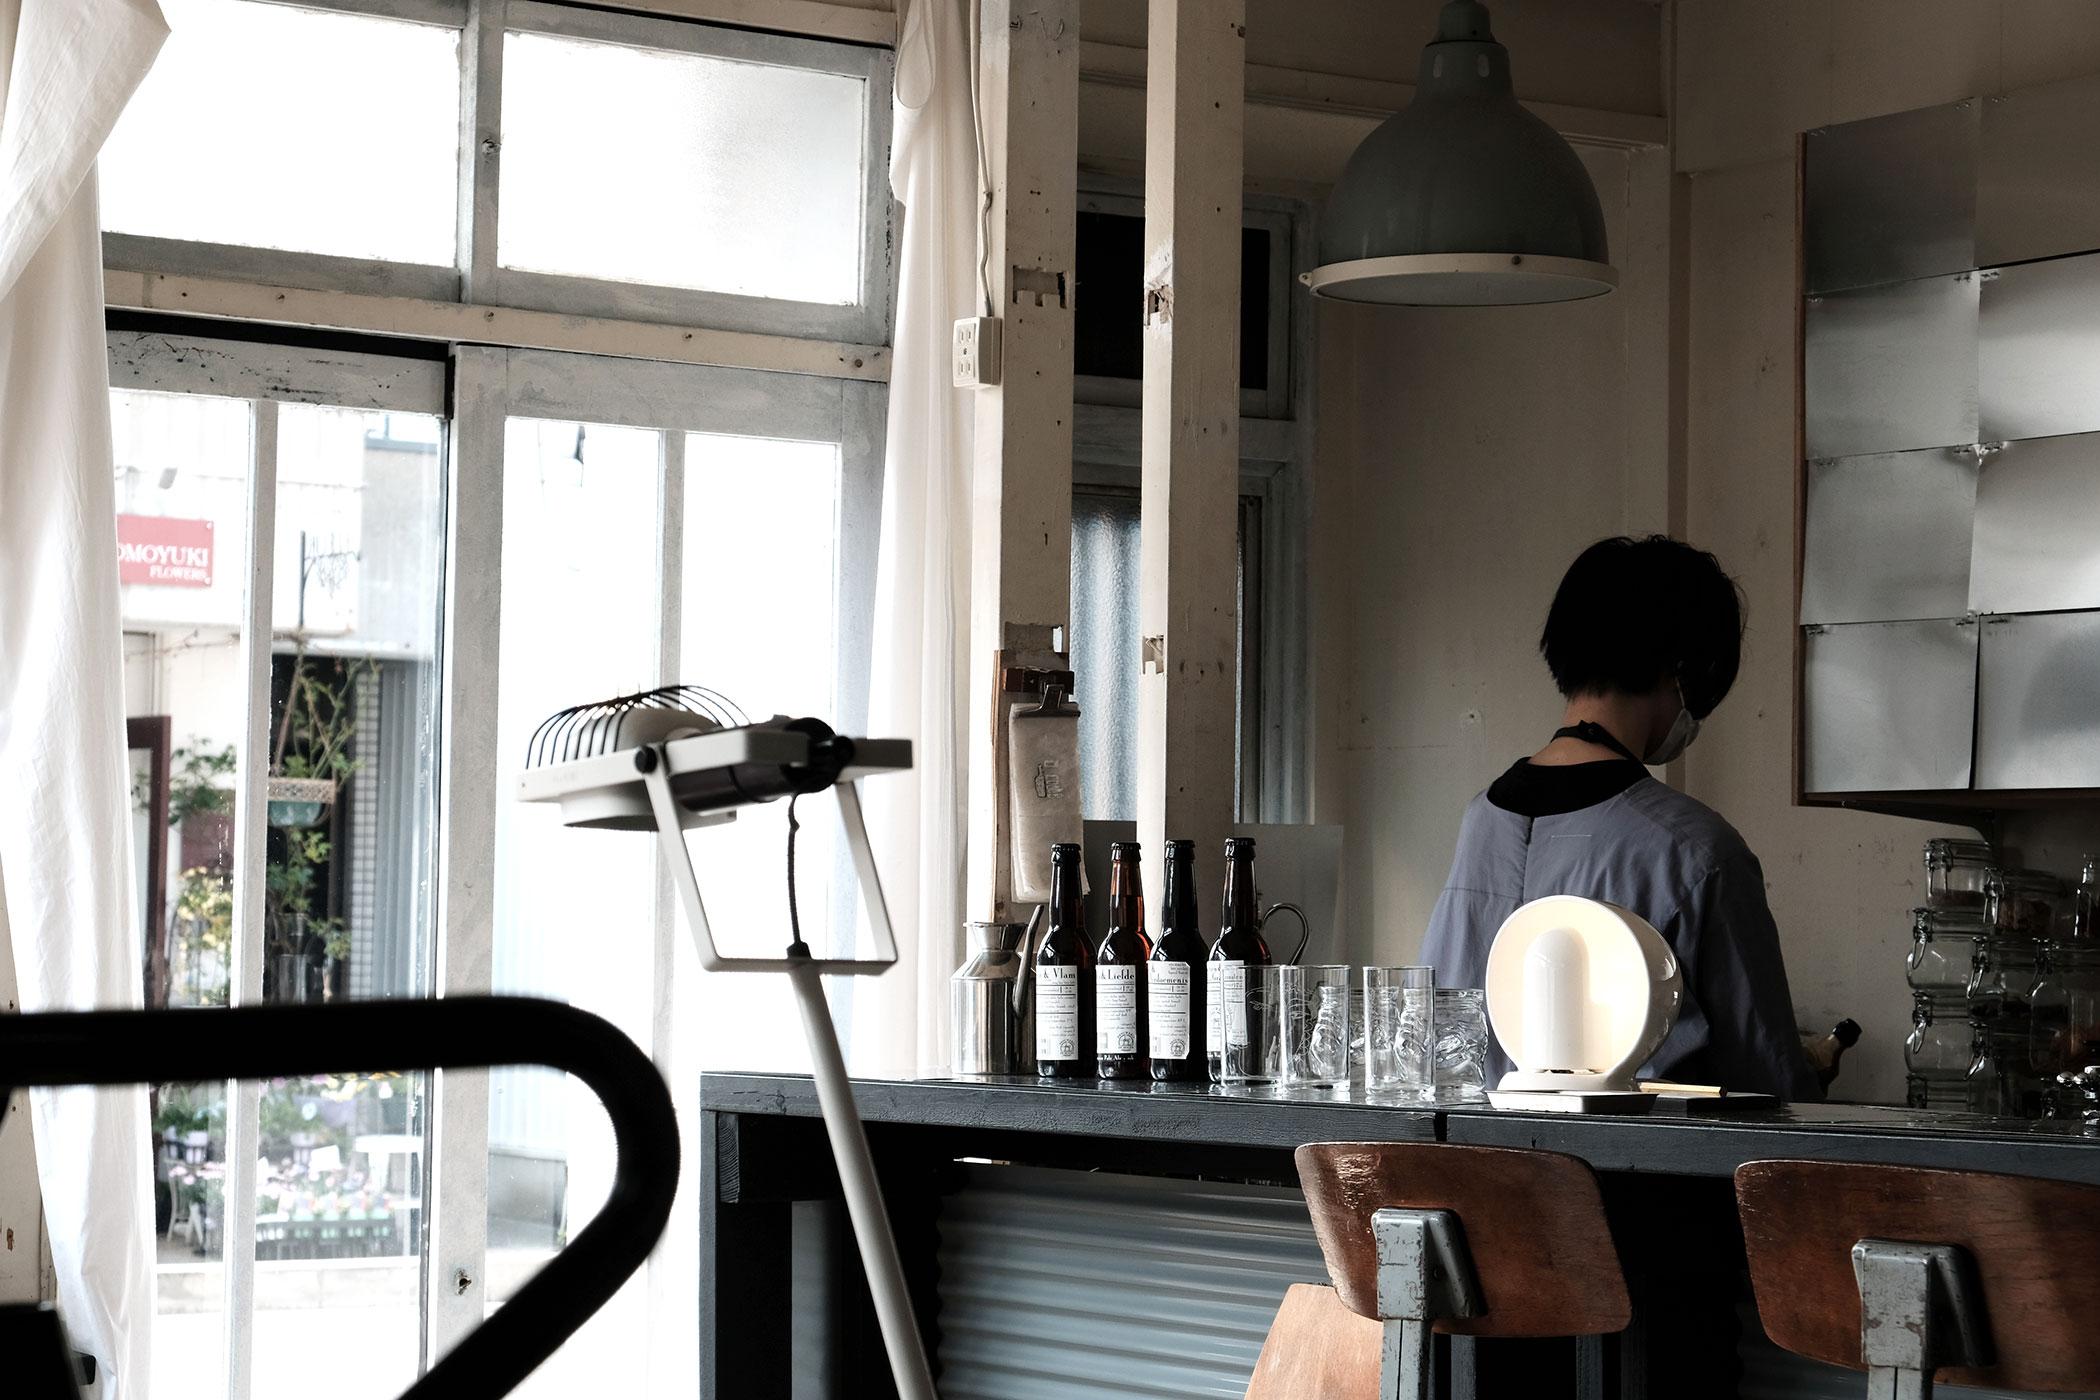 京都 カマタ店 掴みどころの無い魅力が詰まった独創的なカフェ?